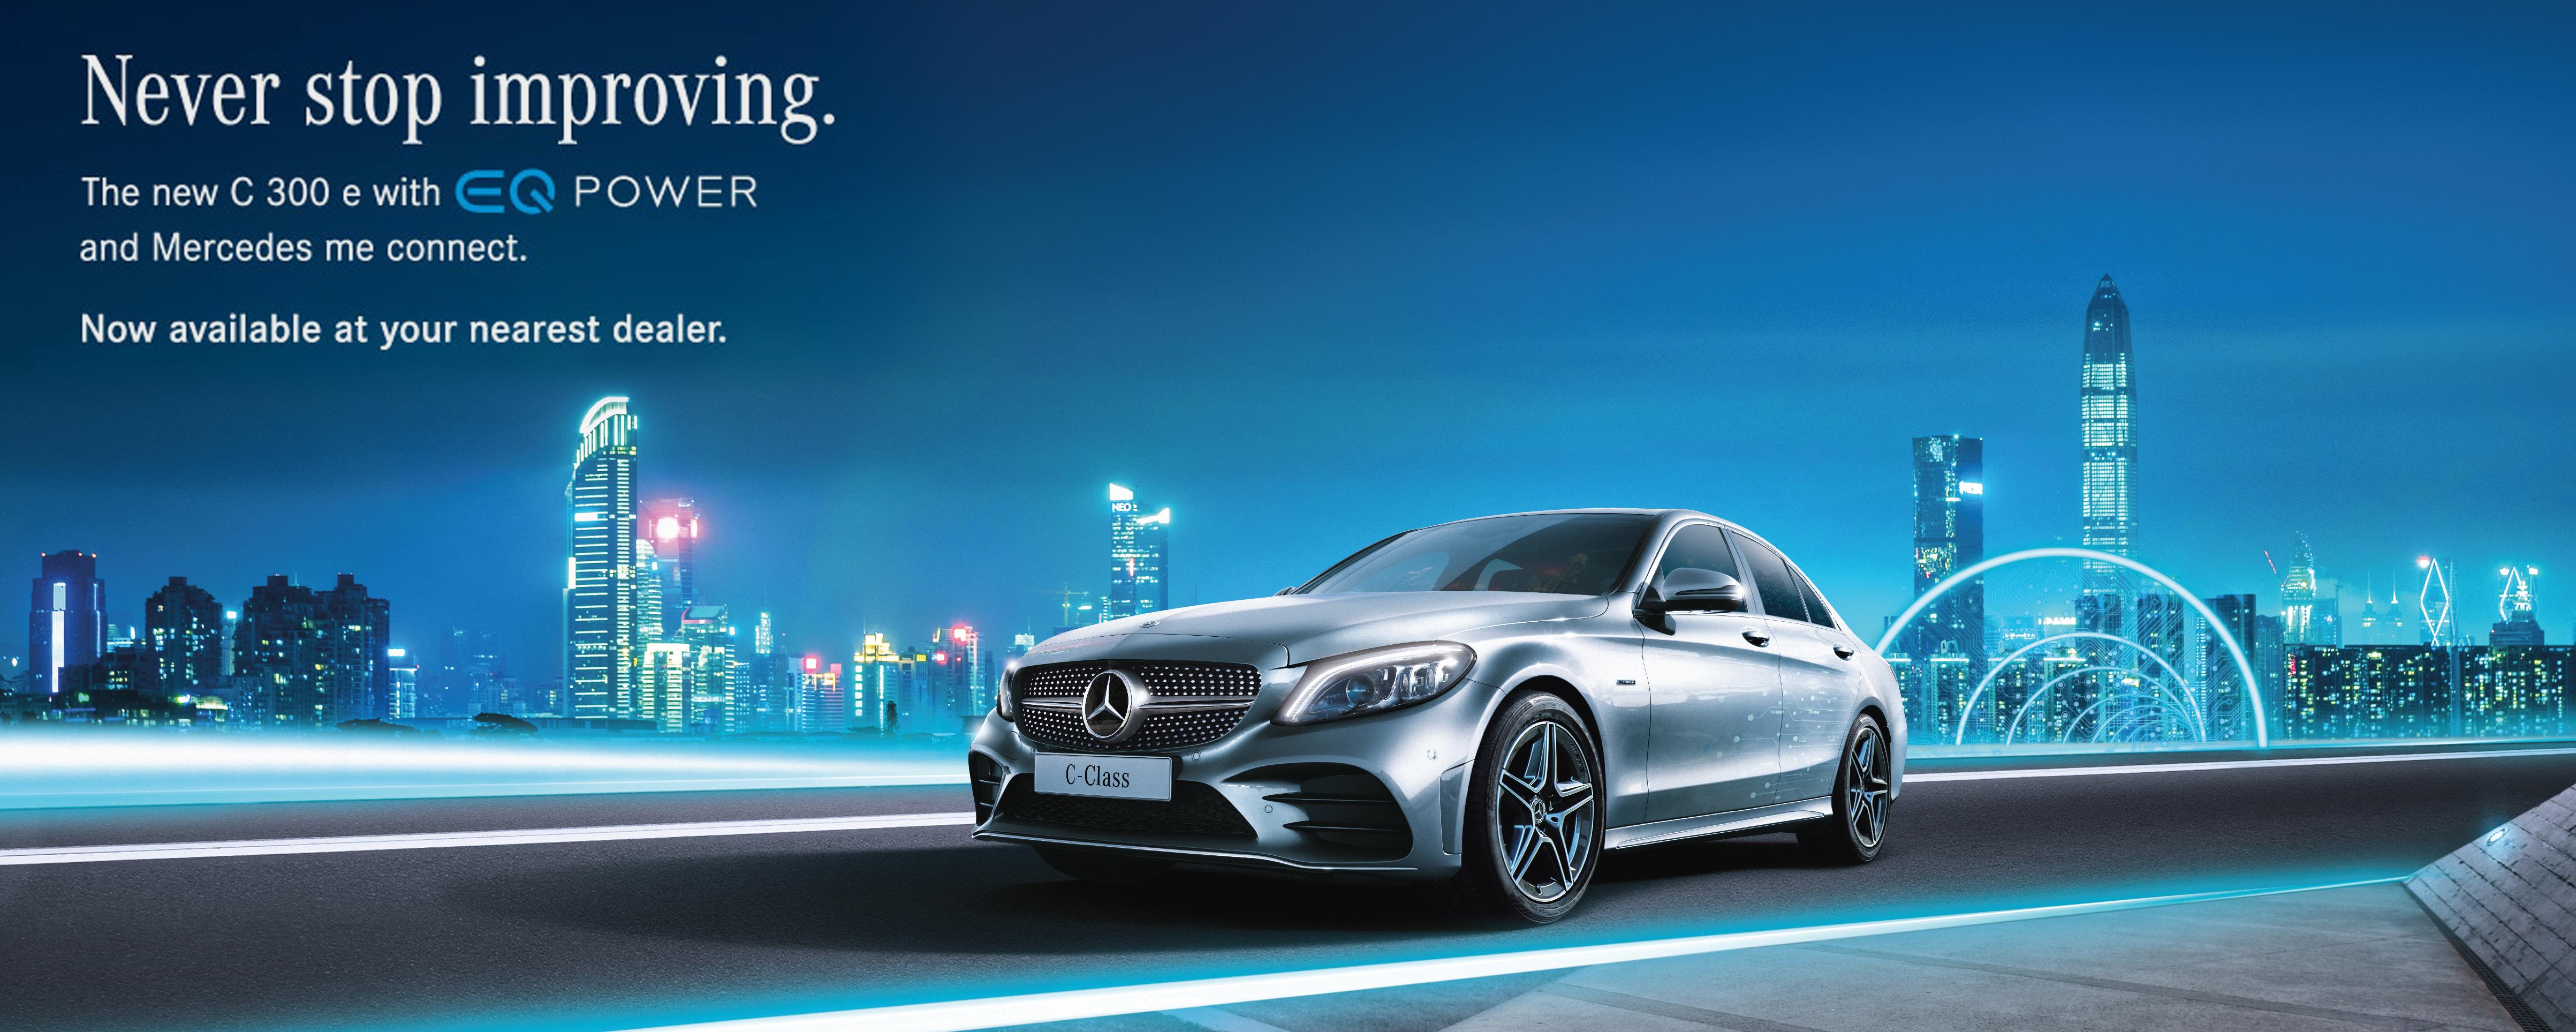 The new Mercedes-Benz A-Class,Mercedes-Benz A 200 AMG Dynamic,2019 Mercedes-Benz A 200 AMG Dynamic,รีวิว Mercedes-Benz A 200 AMG Dynamic,Mercedes-Benz A 200 AMG Dynamic รีวิว,A 200 AMG Dynamic รีวิว,รีวิว A 200 AMG Dynamic,ราคา A 200 AMG Dynamic,ราคา Mercedes-Benz A 200 AMG Dynamic ใหม่,A 200 AMG Dynamic ใหม่,Mercedes-Benz A 200 AMG Dynamic ใหม่